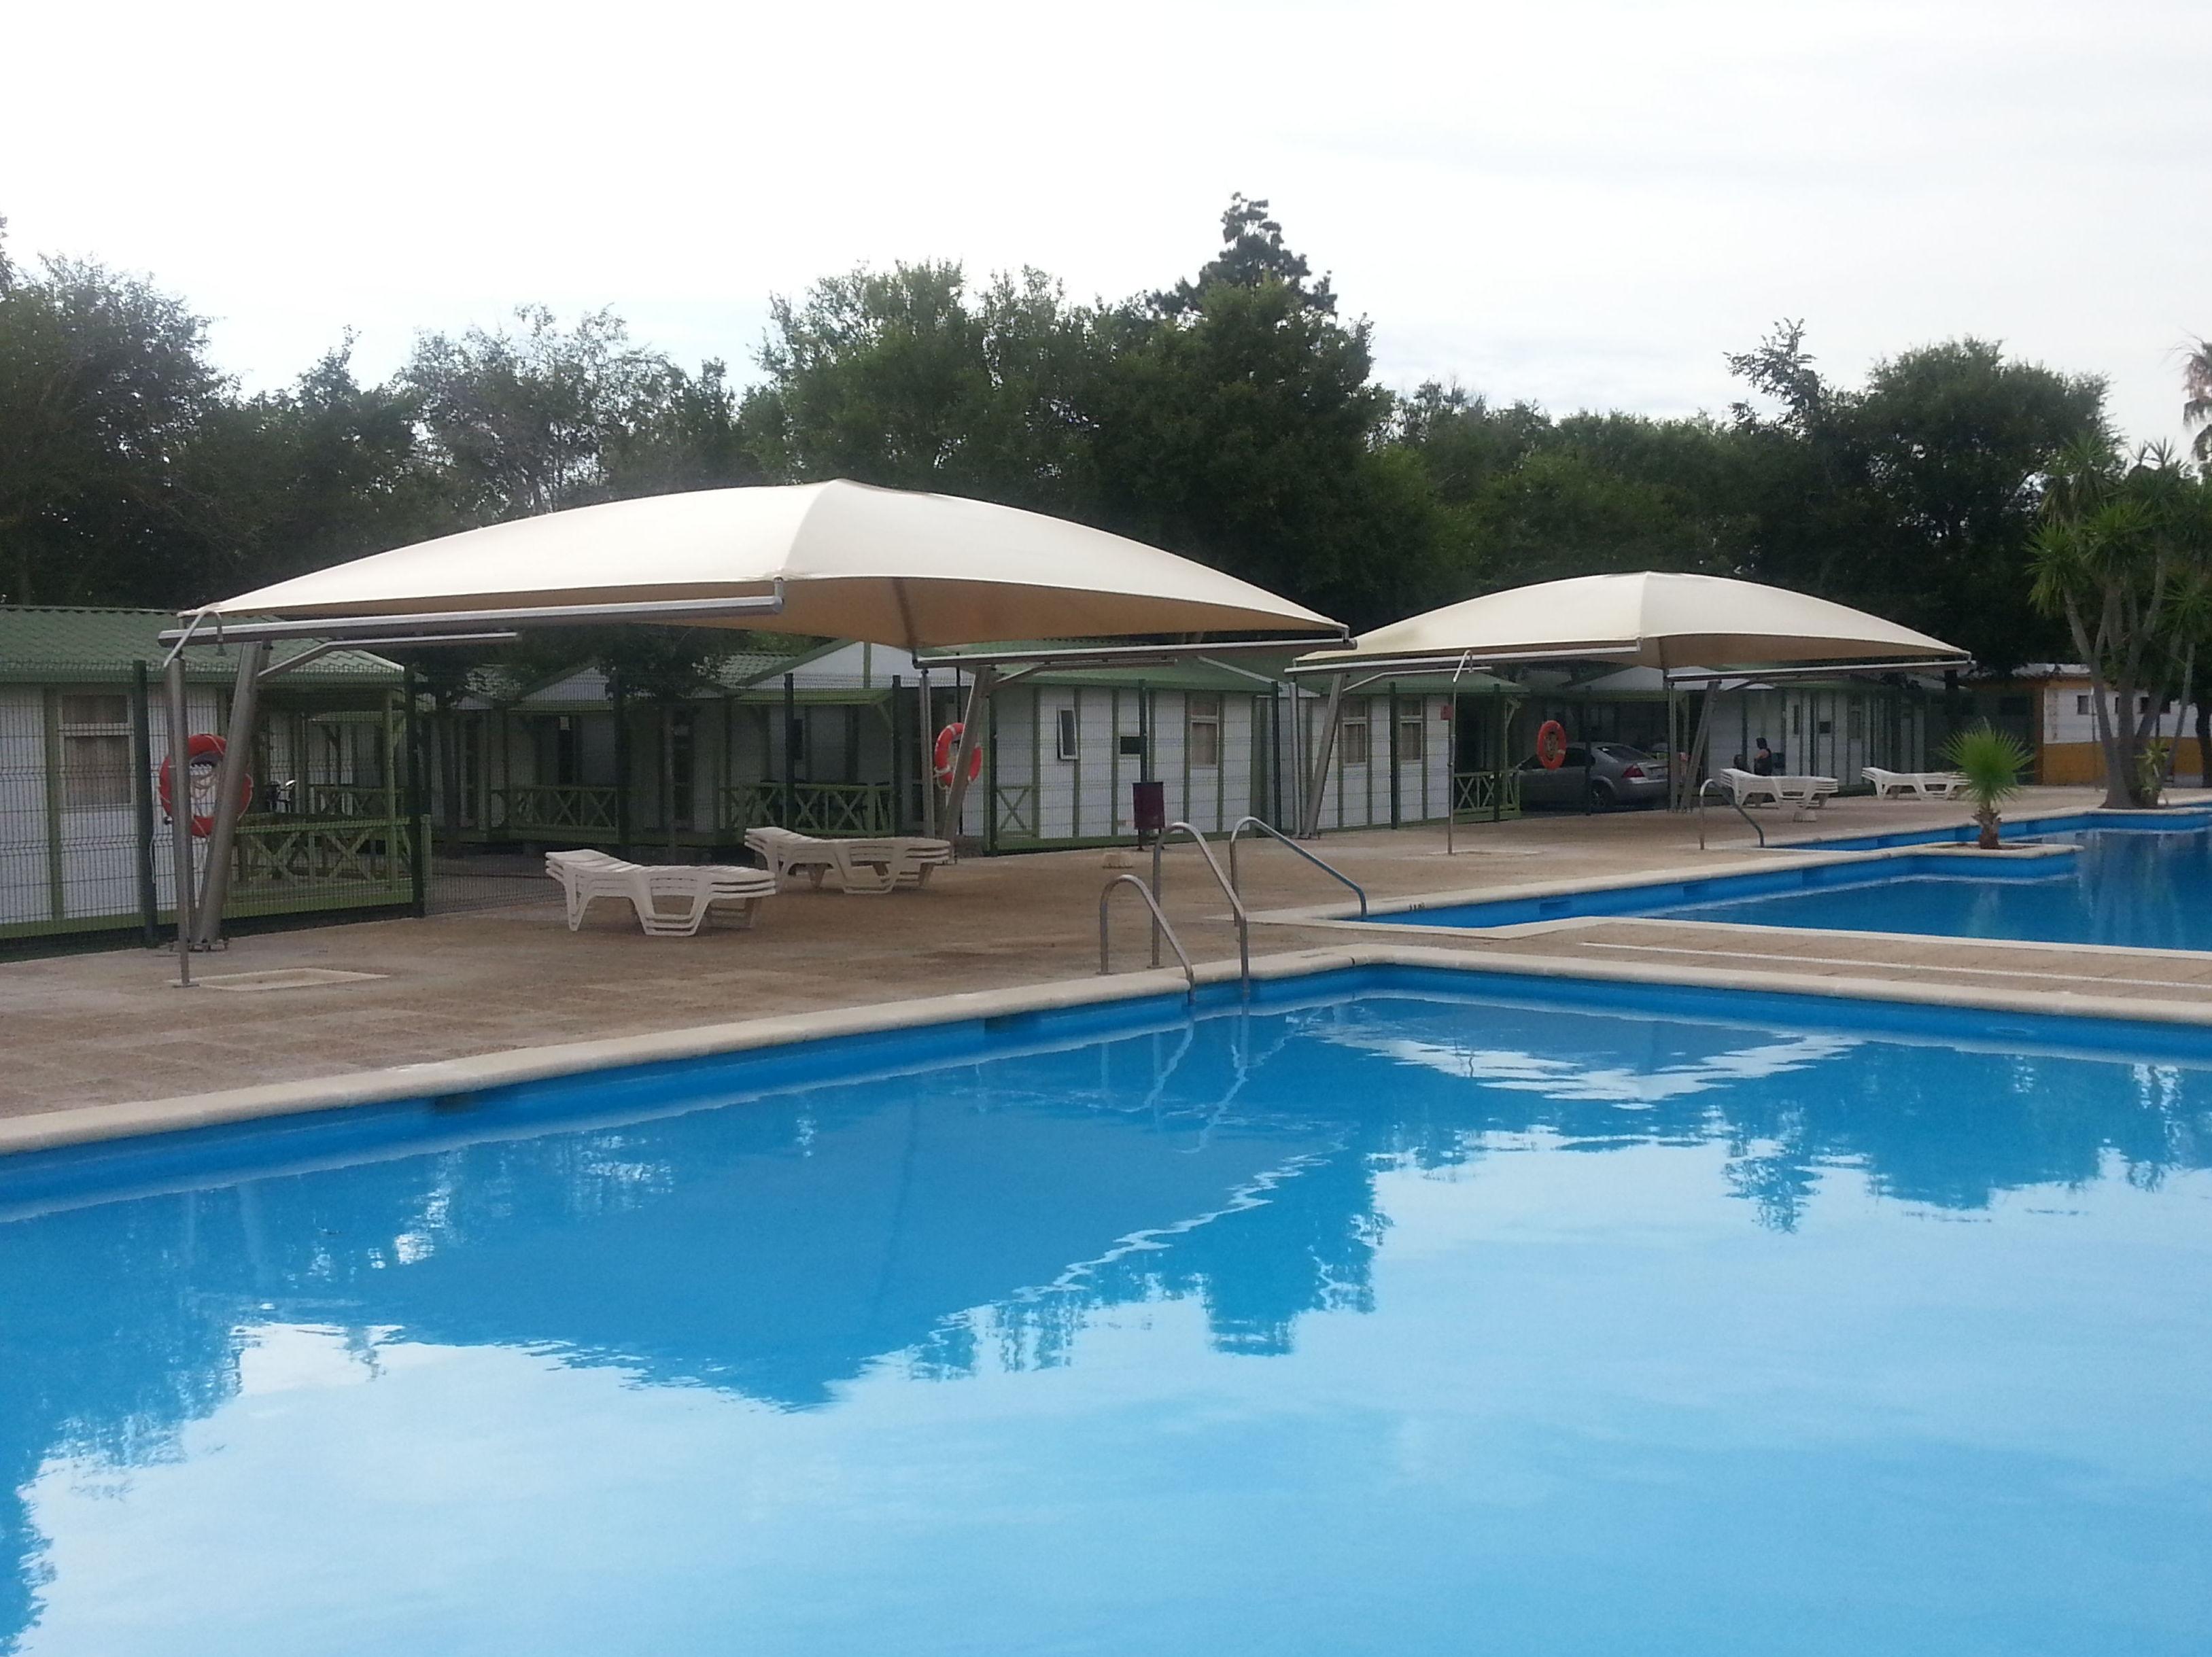 Camping Roche (Conil de la Frontera)